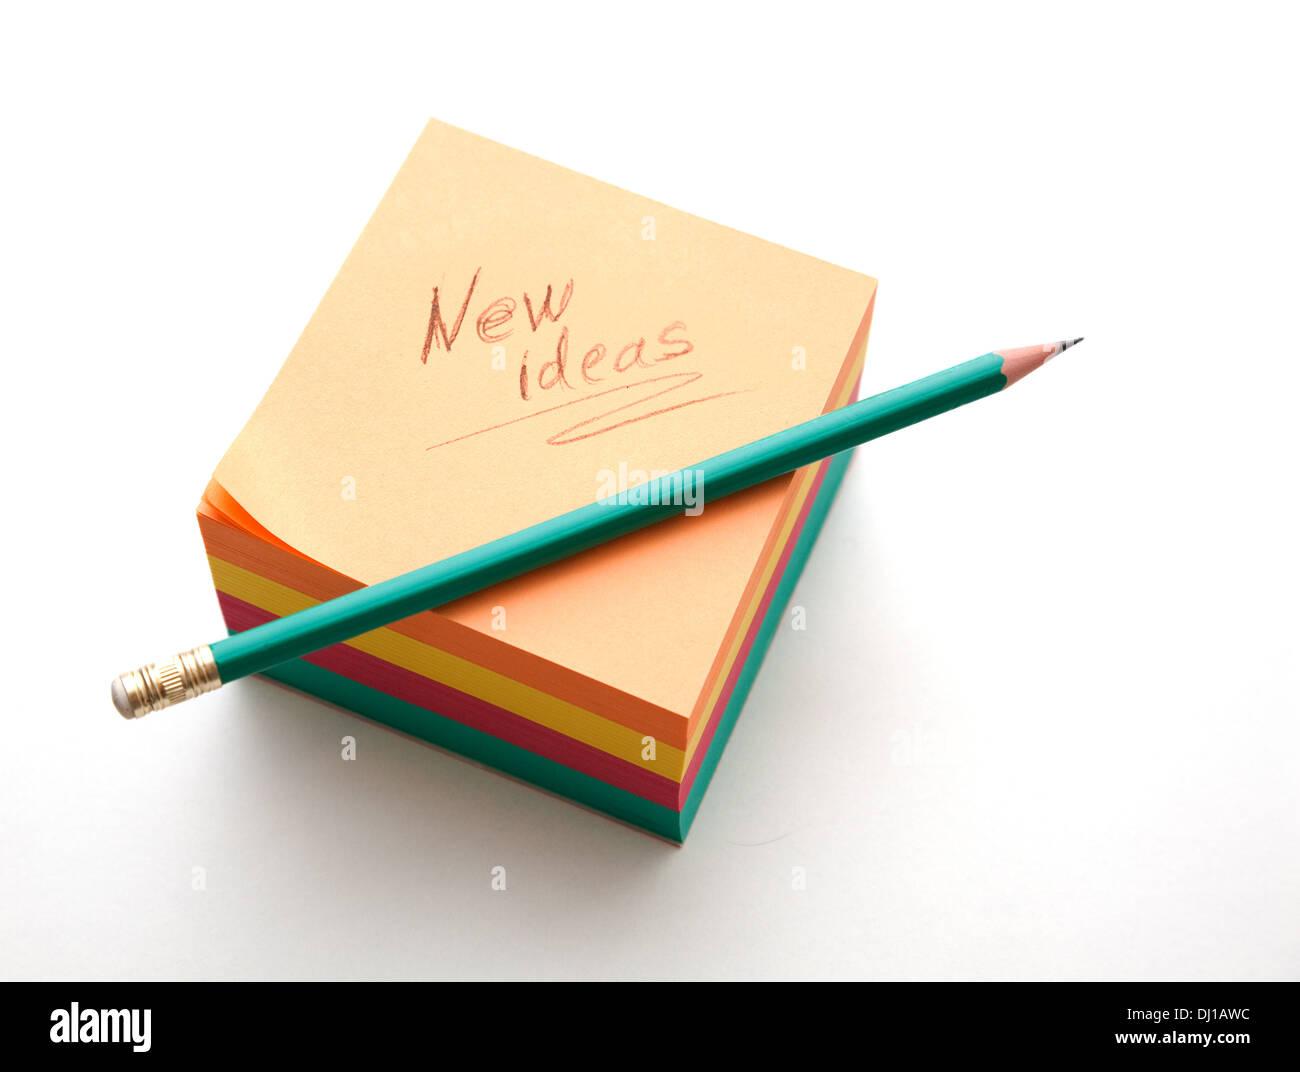 De nouvelles idées et bloc notes crayon affûté prêt à l'emploi Photo Stock